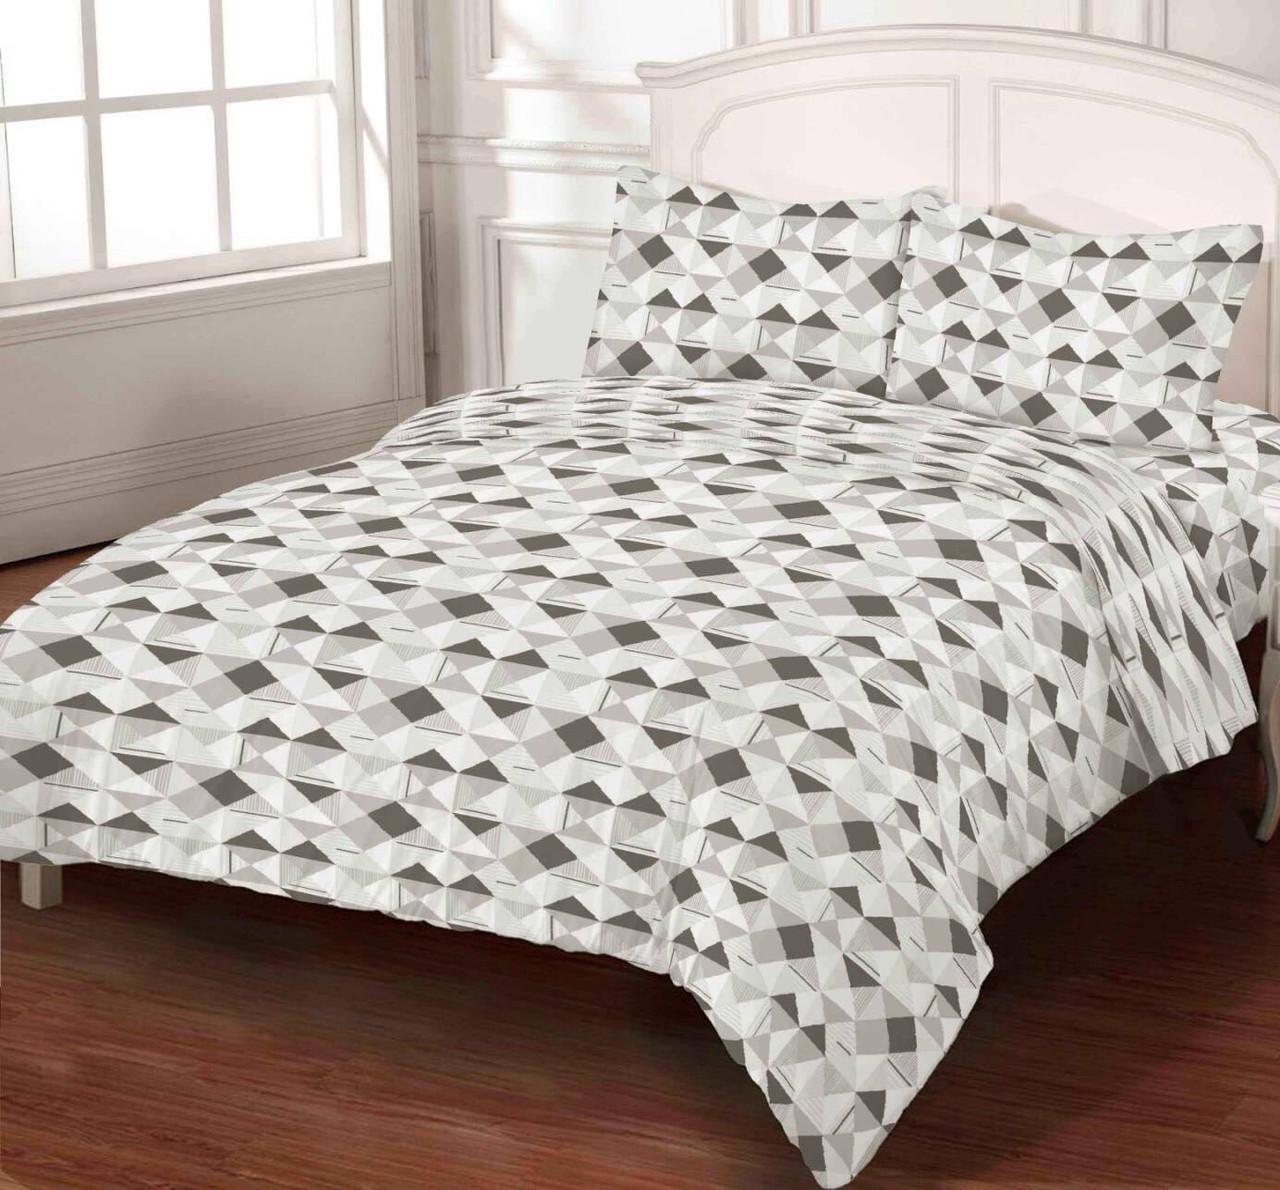 Комплект постельного белья DOTINEM Seni Бязь евро 200х215 (8807-102)